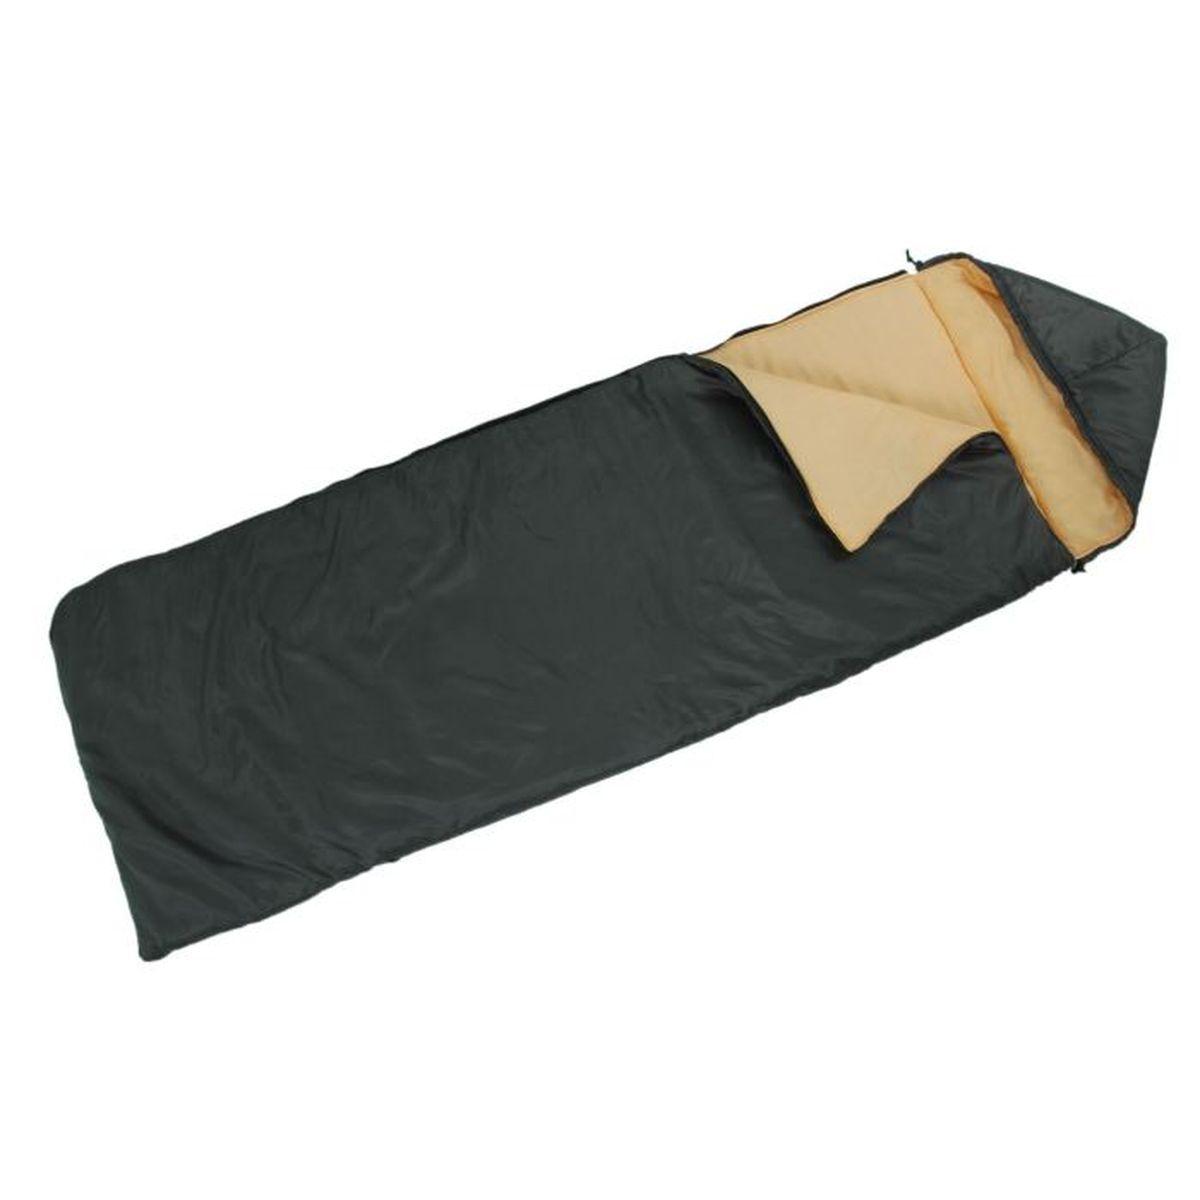 Мешок спальный Onlitop Престиж, цвет: черный, бежевый, правосторонняя молния, 225 х 70 см1344027Комфортный, просторный и очень теплый сальный мешок Onlitop Престиж предназначен для походов и для отдыха на природе не только в летнее время, но и в прохладные дни весенне-осеннего периода. В теплое время спальный мешок можно использовать как одеяло (в том числе и дома).Размеры мешка: 225 x 70 см.